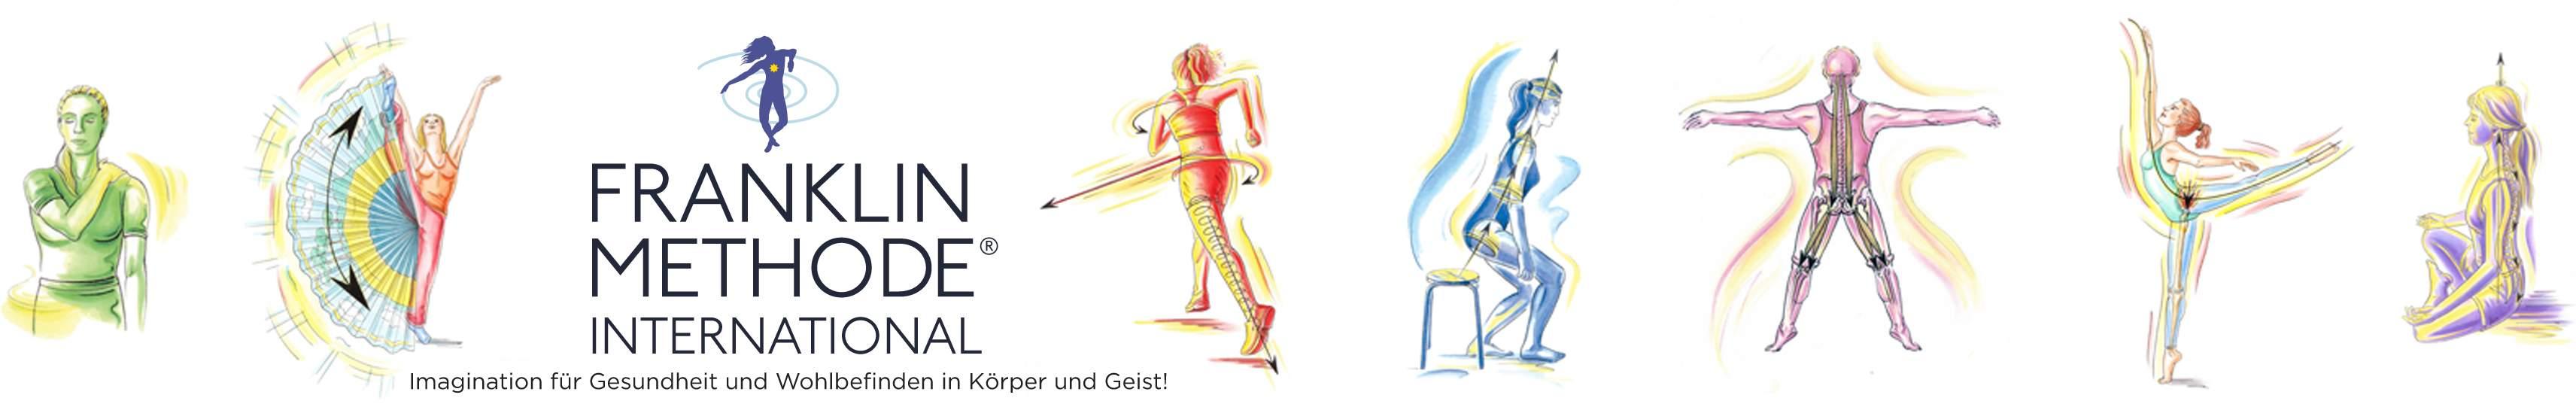 Rücken Trainer — Onlinekurse